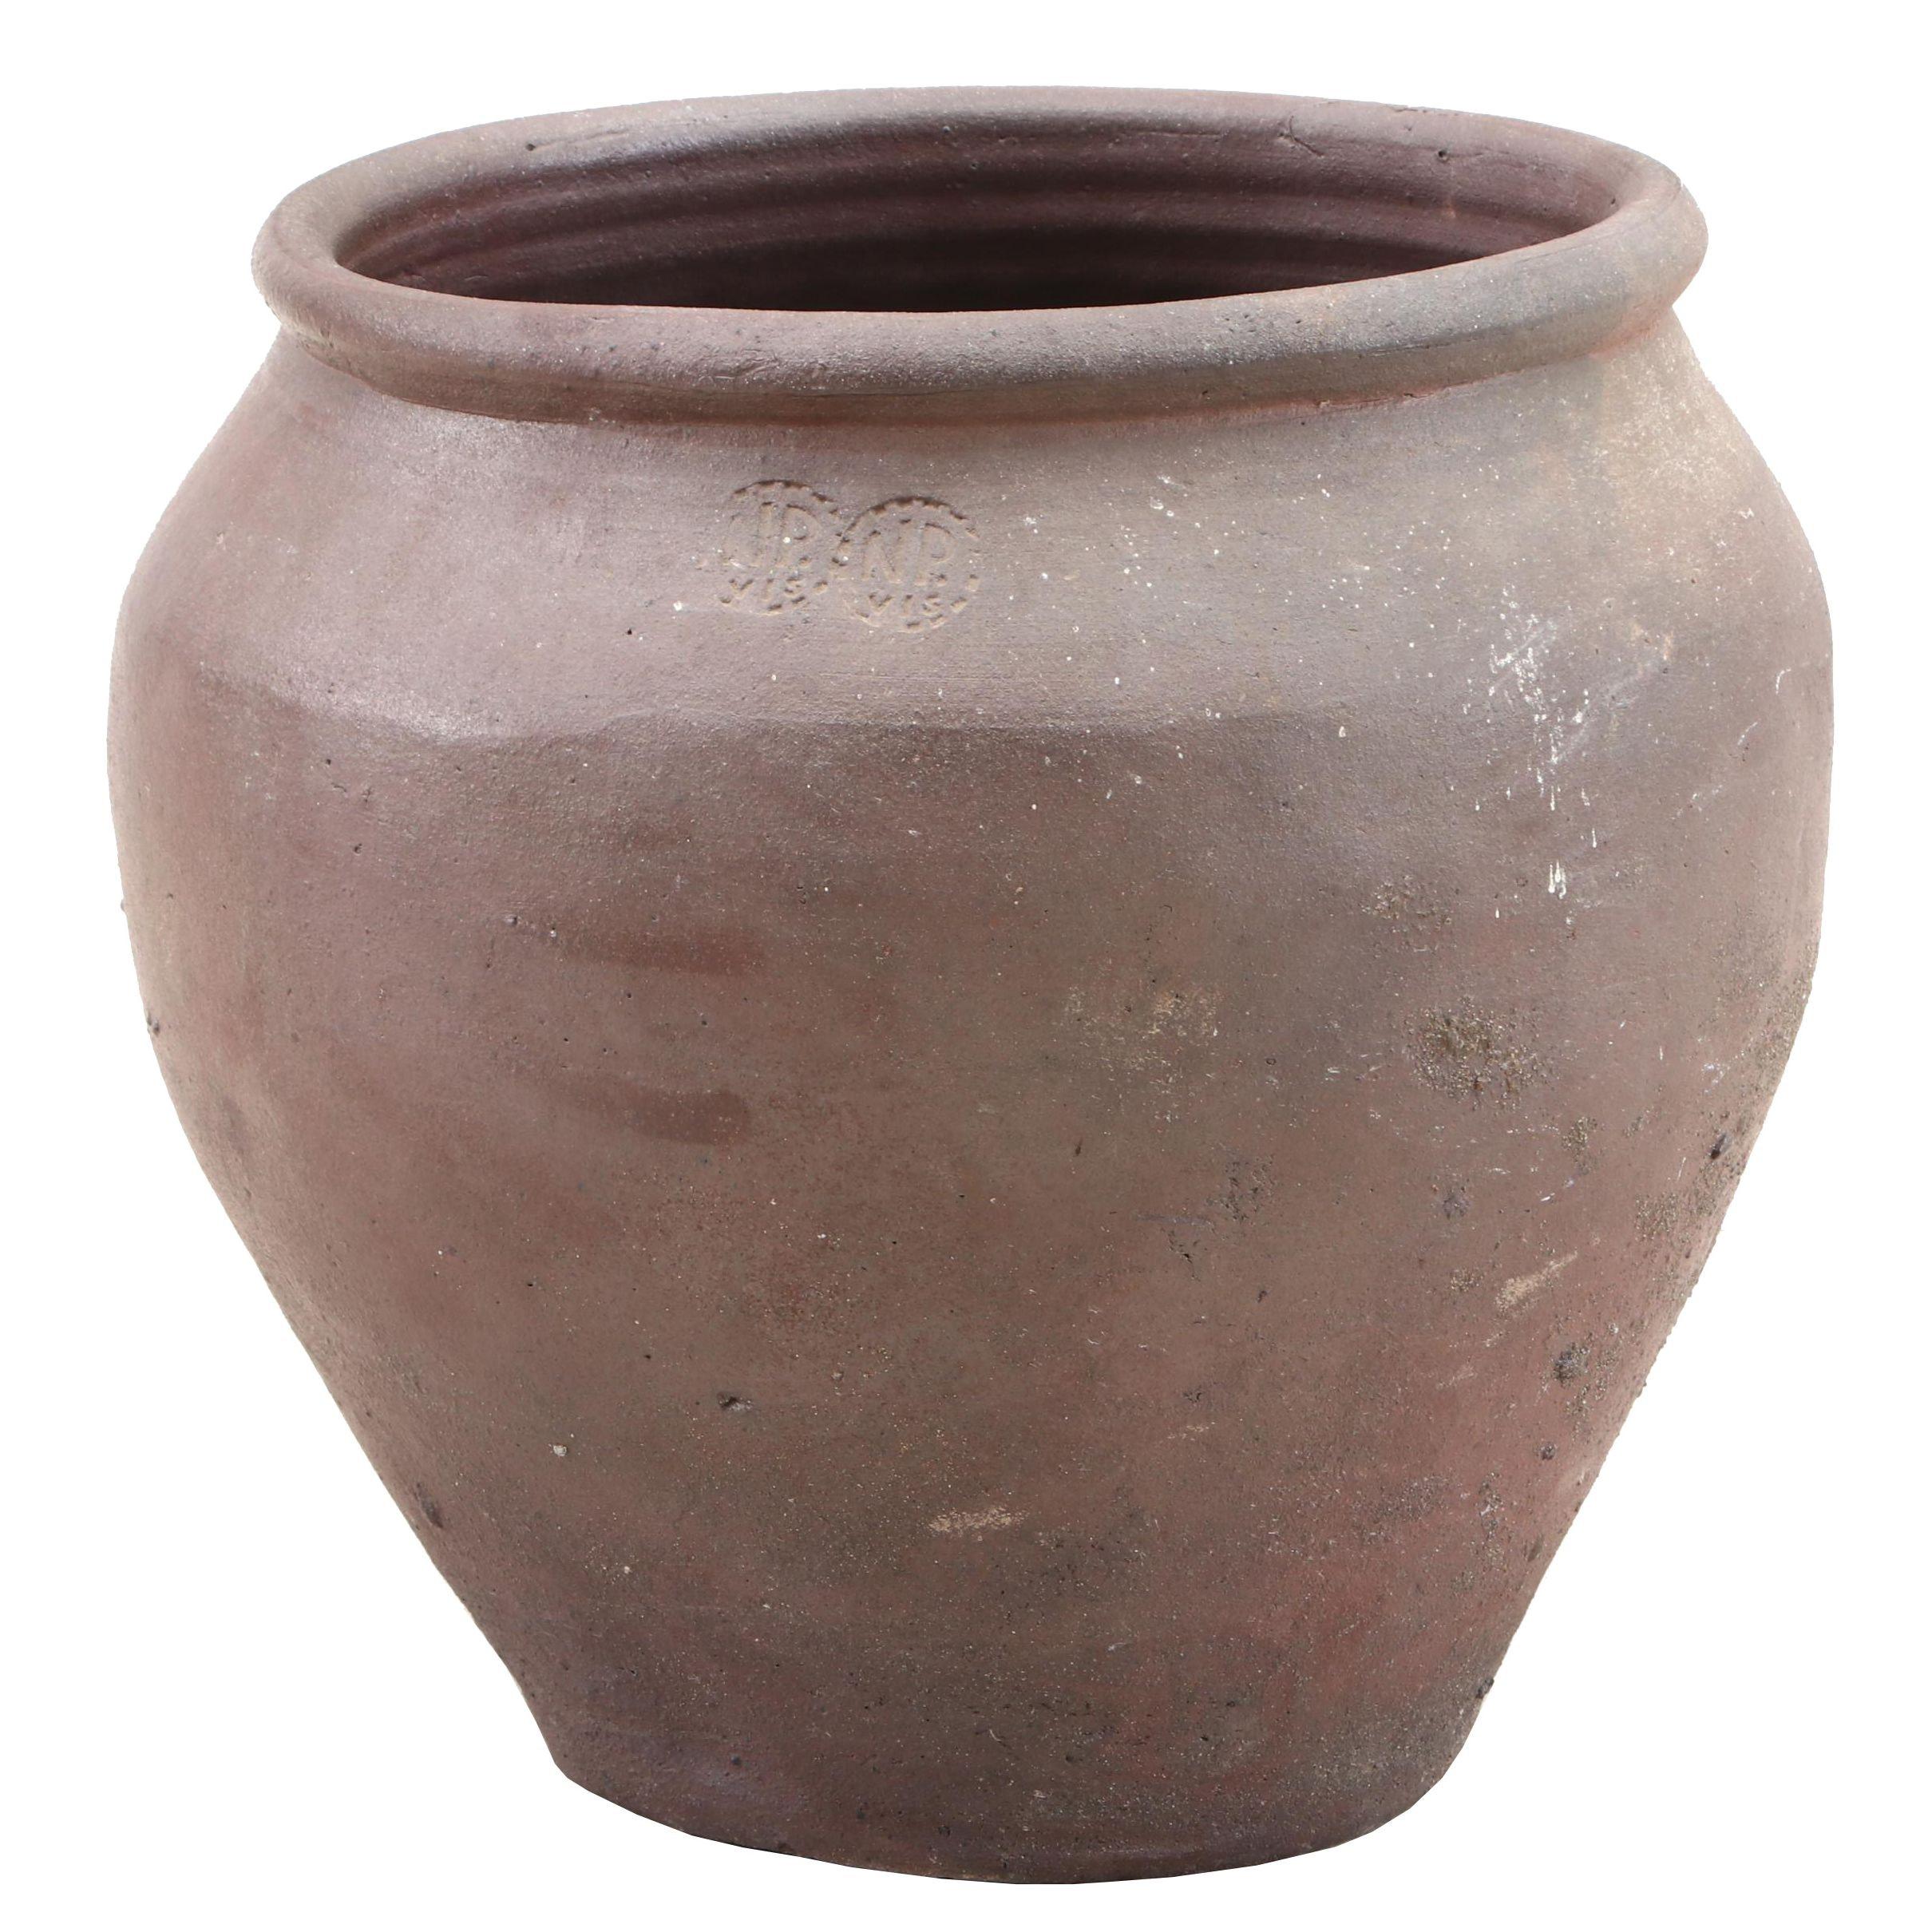 Rustic Ceramic Garden Planter